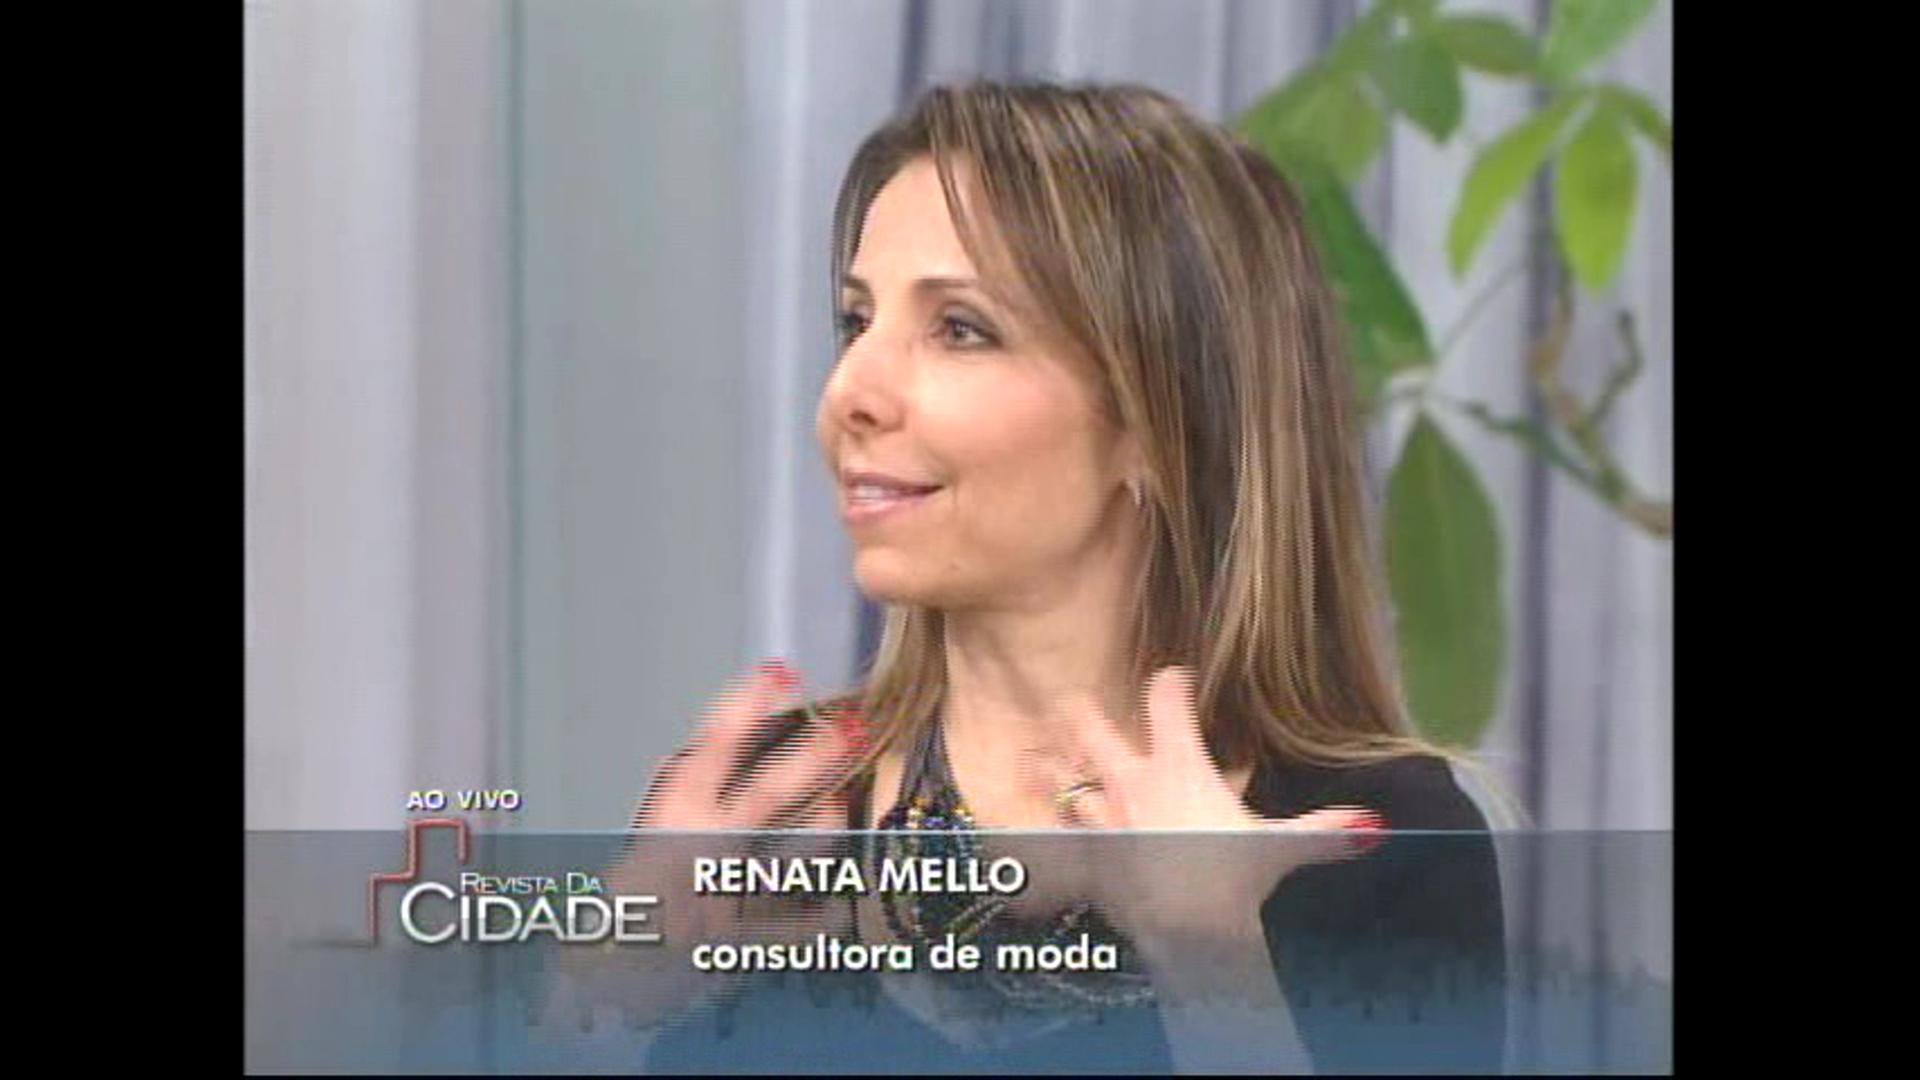 13/06/12 Tv Gazeta – Revista da Cidade (Vídeo)